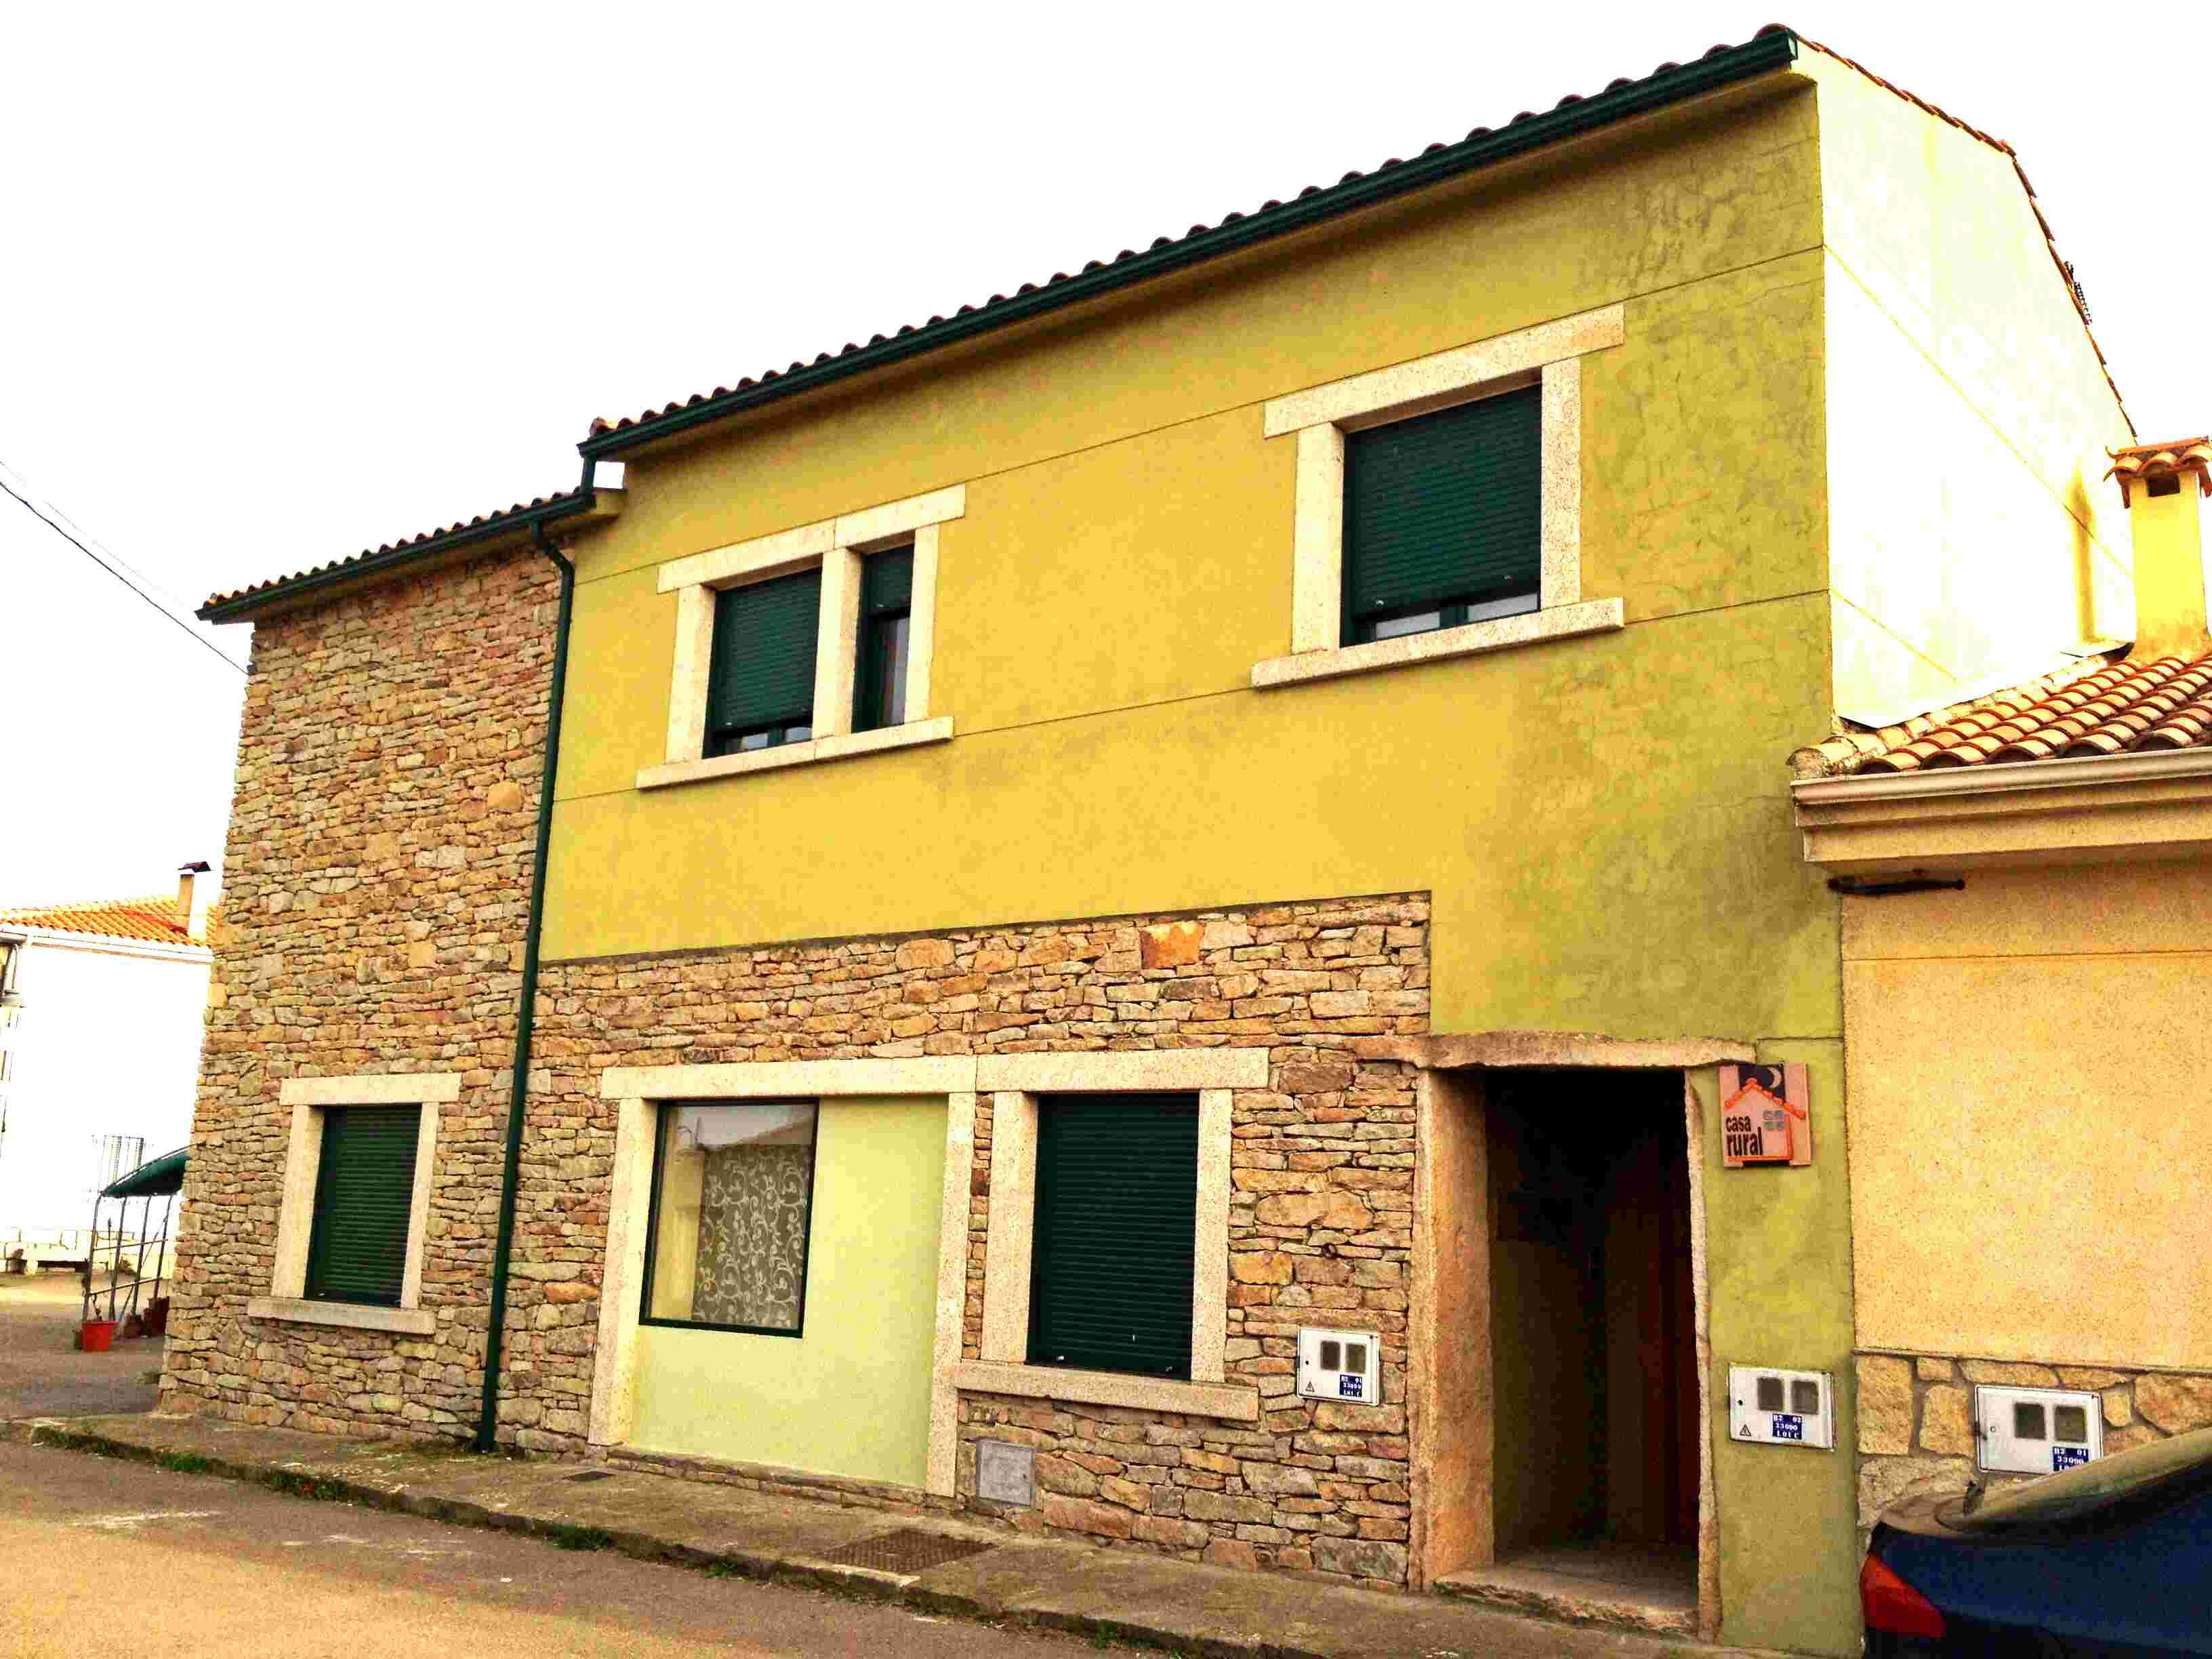 Casa zapatero casas rurales la fuente y zapatero for Zapatero entrada casa